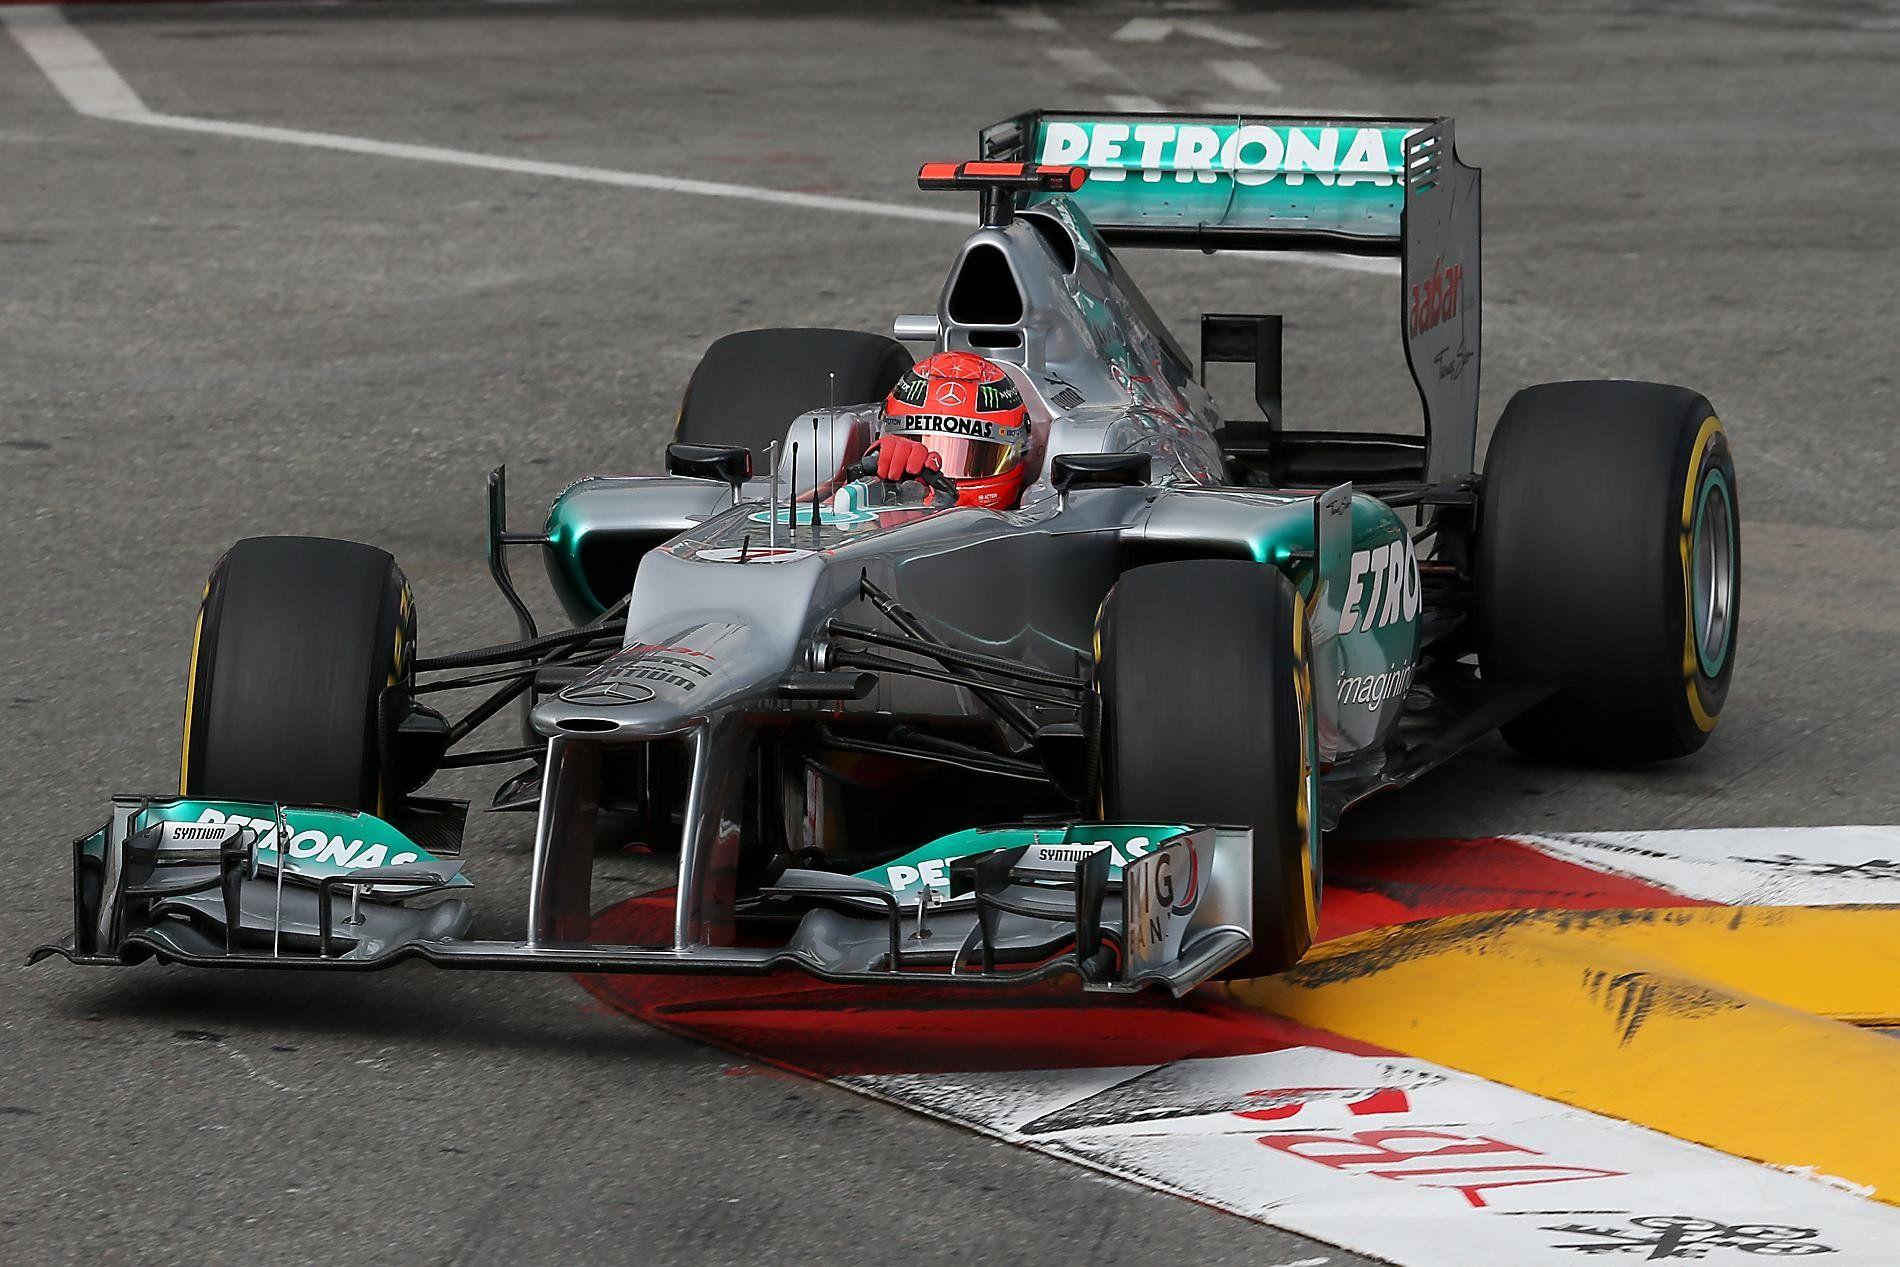 Michael Schumacher 2012 Michael schumacher, F1 motorsport